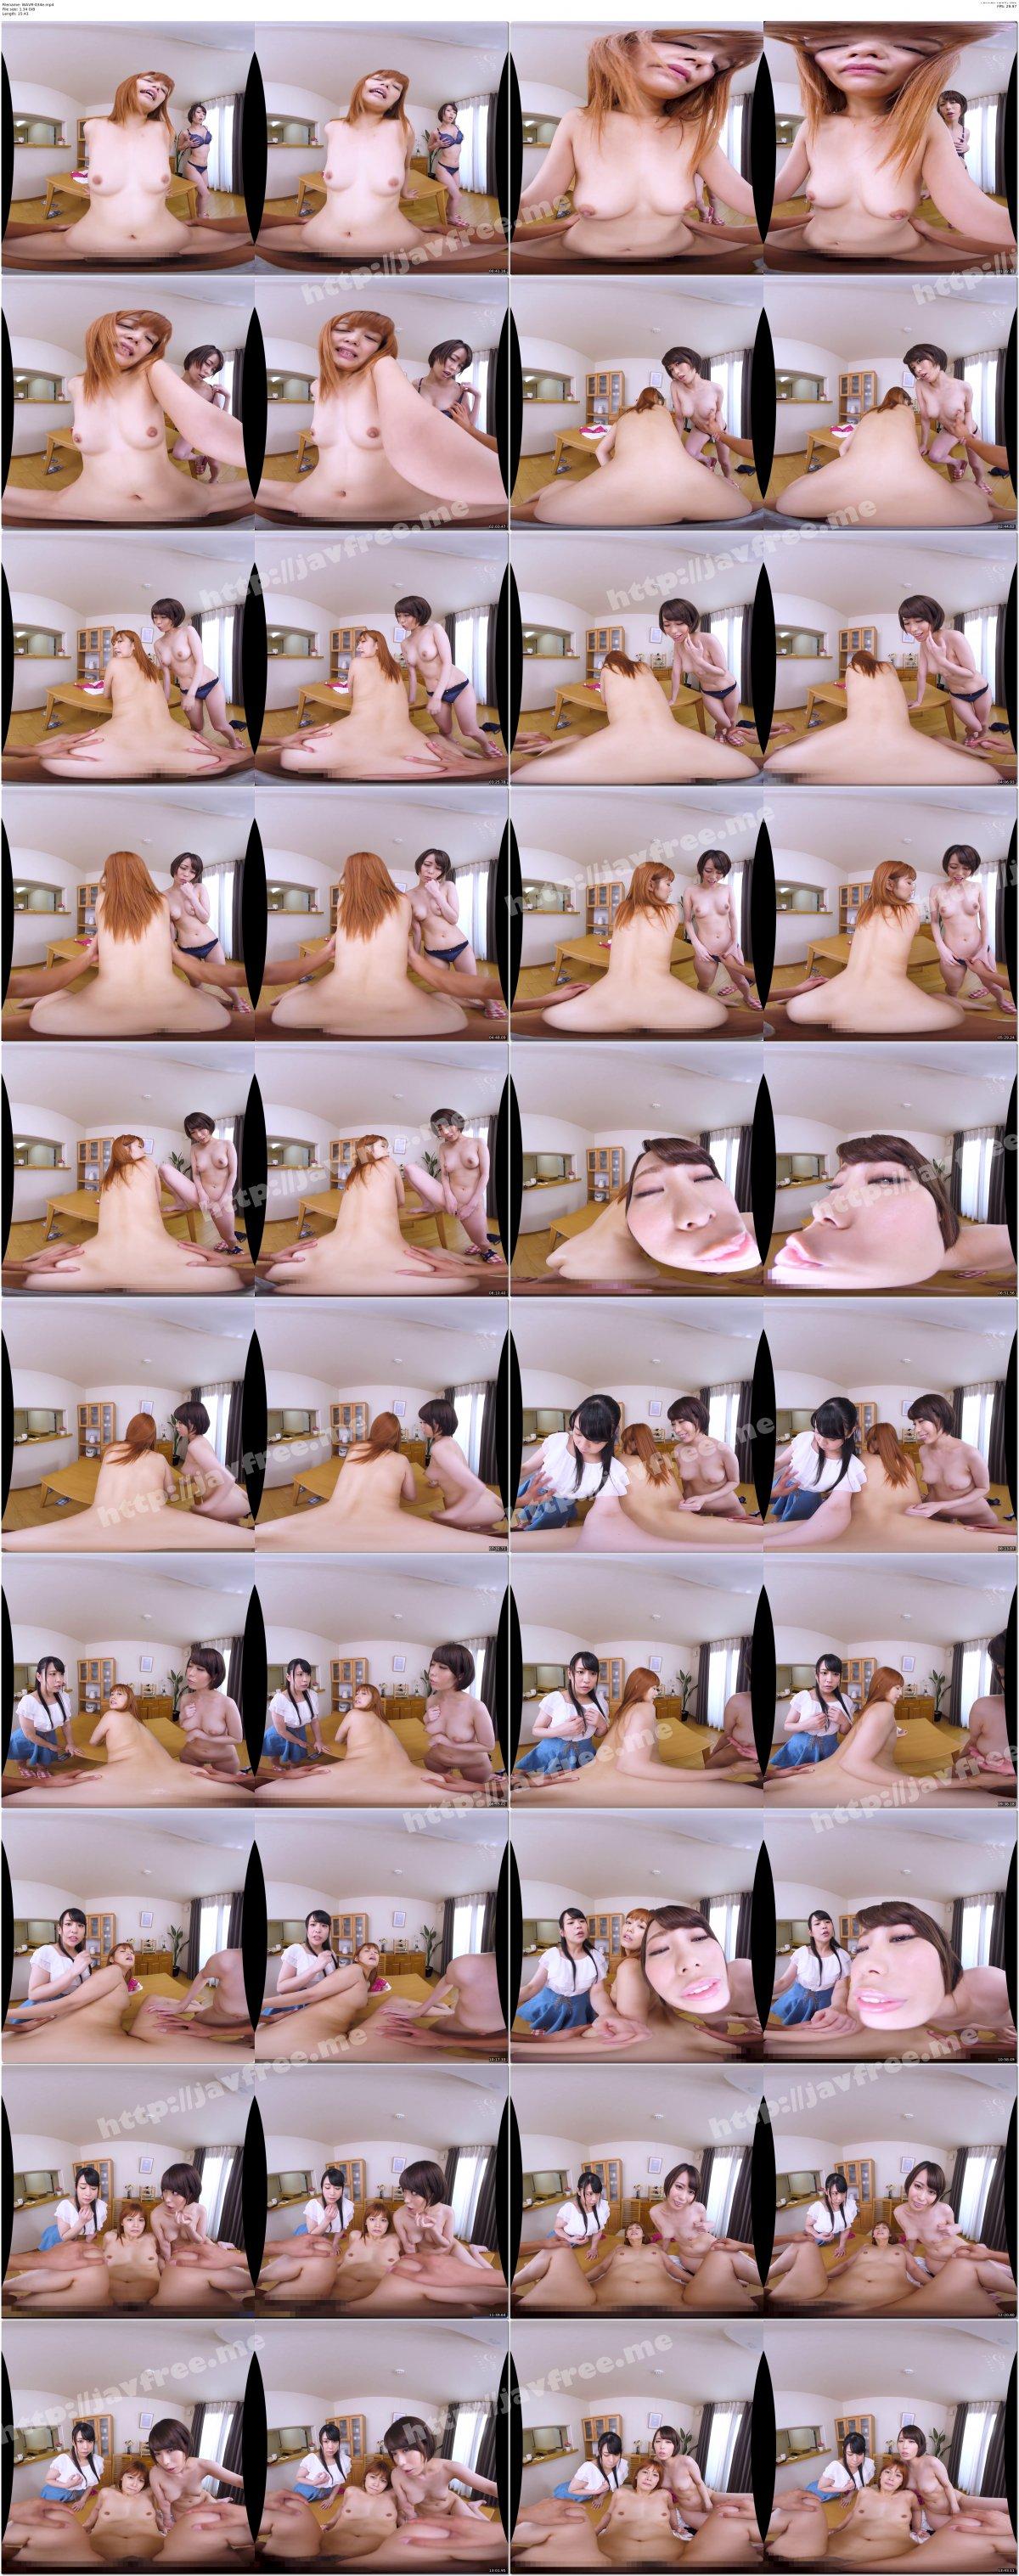 [WAVR-034] 【VR】3人の姉が朝・昼・晩。ところかまわず僕のチ○ポを狙ってきます…。 「おはよう」から「おやすみ」まで、ドスケベ三姉妹から性欲処理三昧VR!! - image WAVR-034e on https://javfree.me